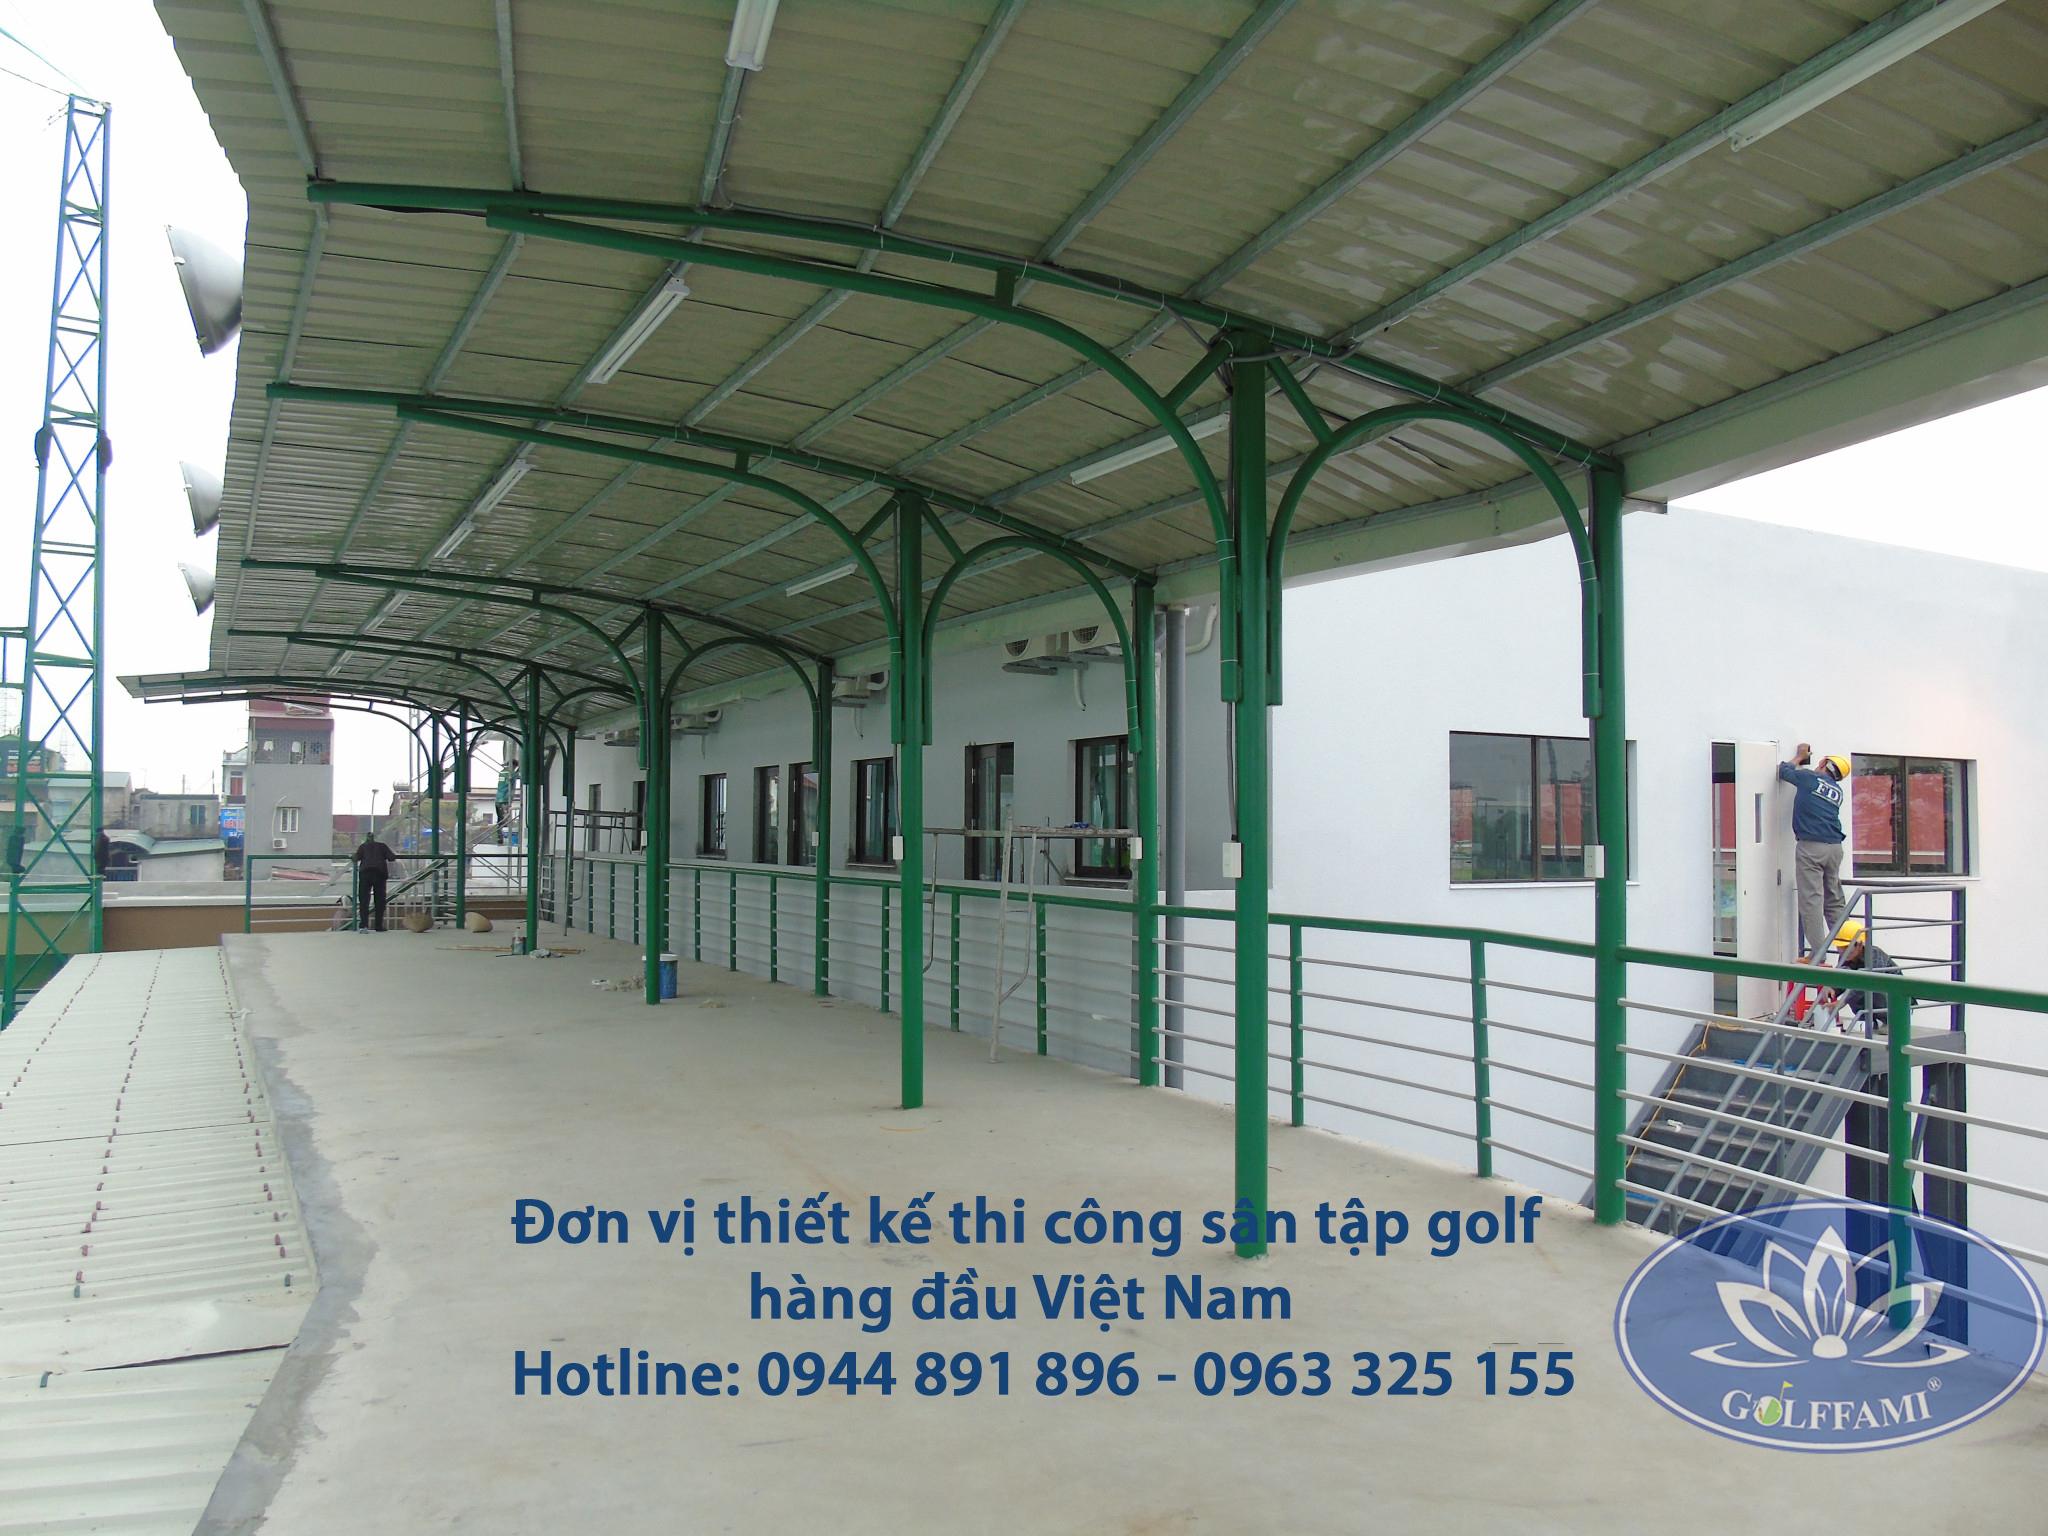 nhà phát banh của sân tập golf Famille Hà Nam